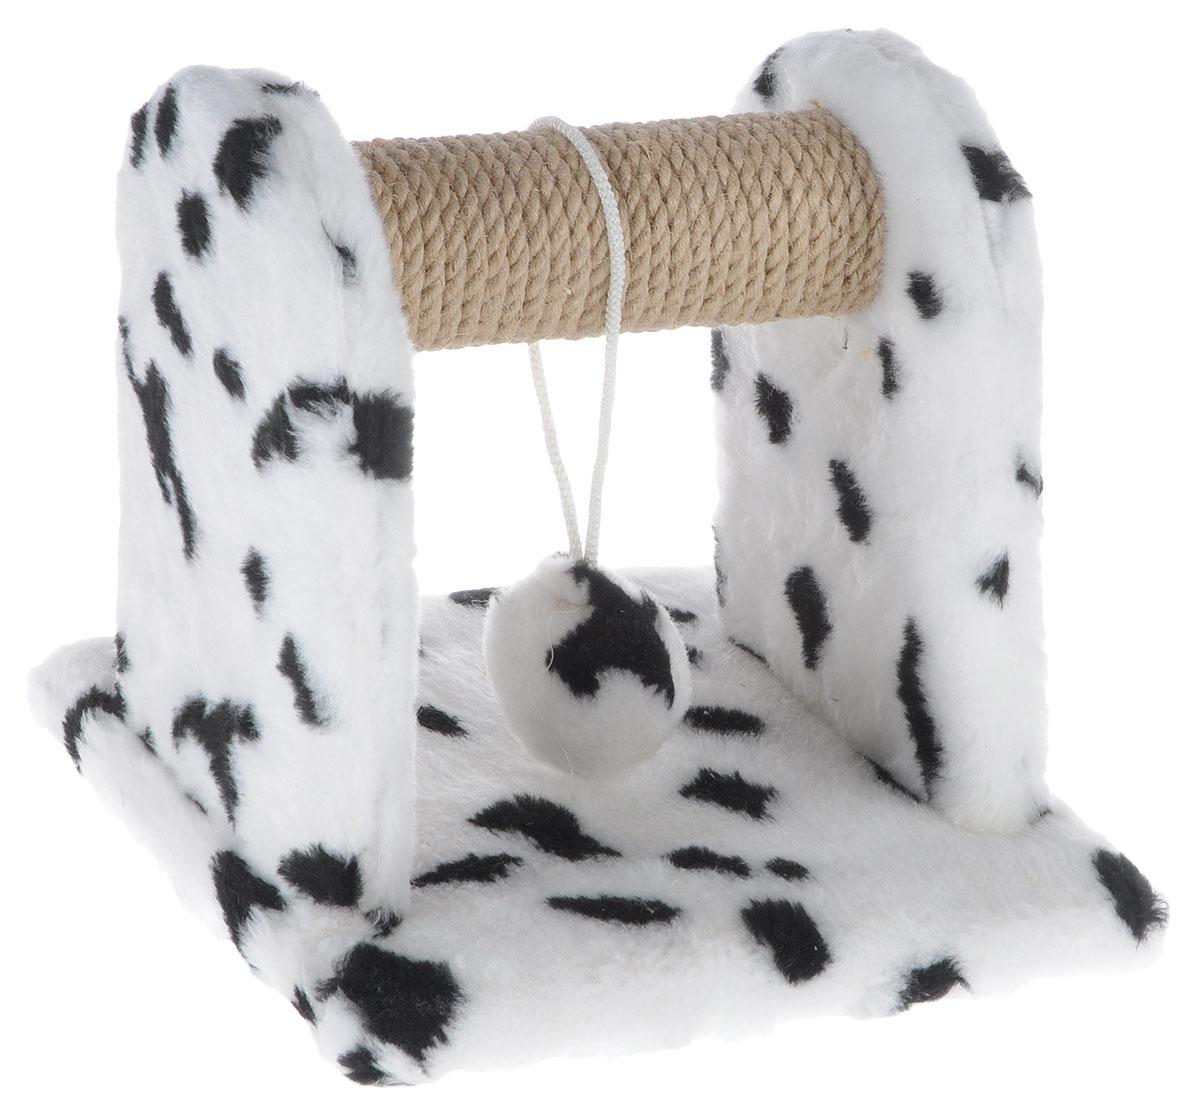 Когтеточка для котят Меридиан Далматин, с игрушкой, 26 х 26 х 26 см0120710Когтеточка Меридиан Далматин предназначена для стачивания когтей вашего котенка. Изделие выполнено из ДВП и ДСП, обтянуто искусственным мехом с принтом под далматинца. Круглая планка изготовлена из джута. Изделие снабжено подвесной игрушкой. Такая когтеточка позволит сохранить неповрежденными мебель и другие предметы интерьера.